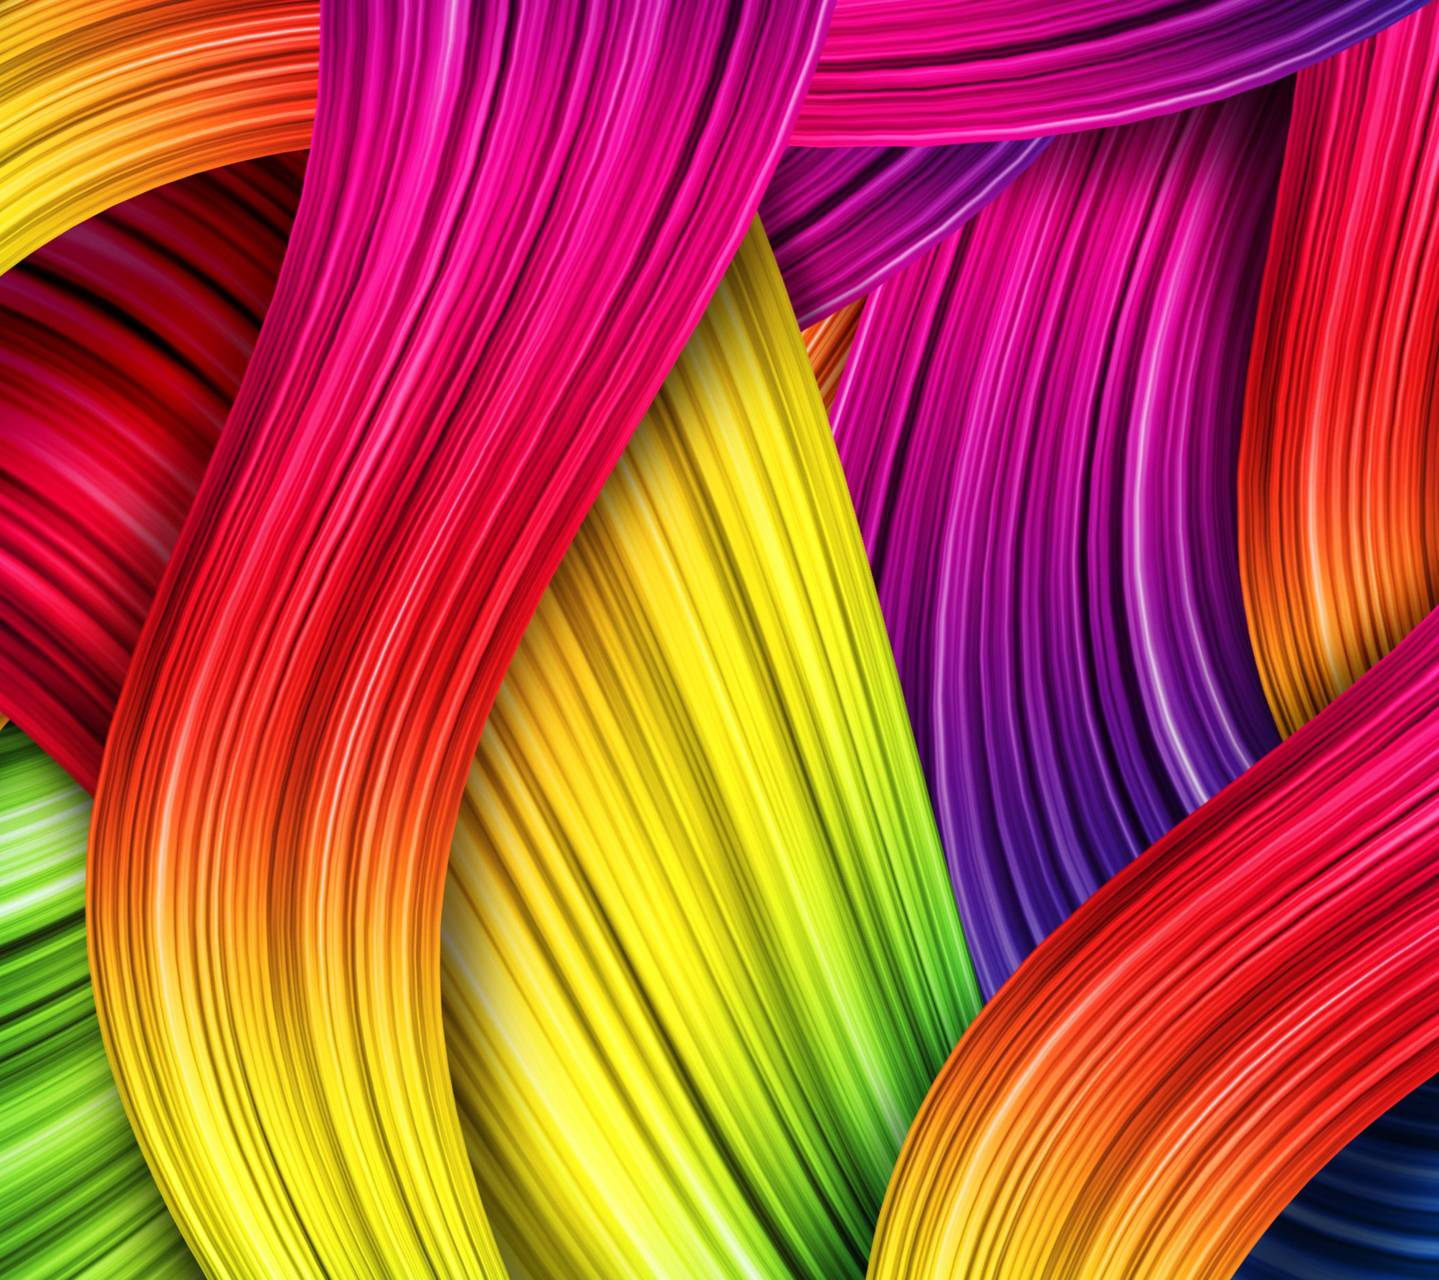 colores absatractos